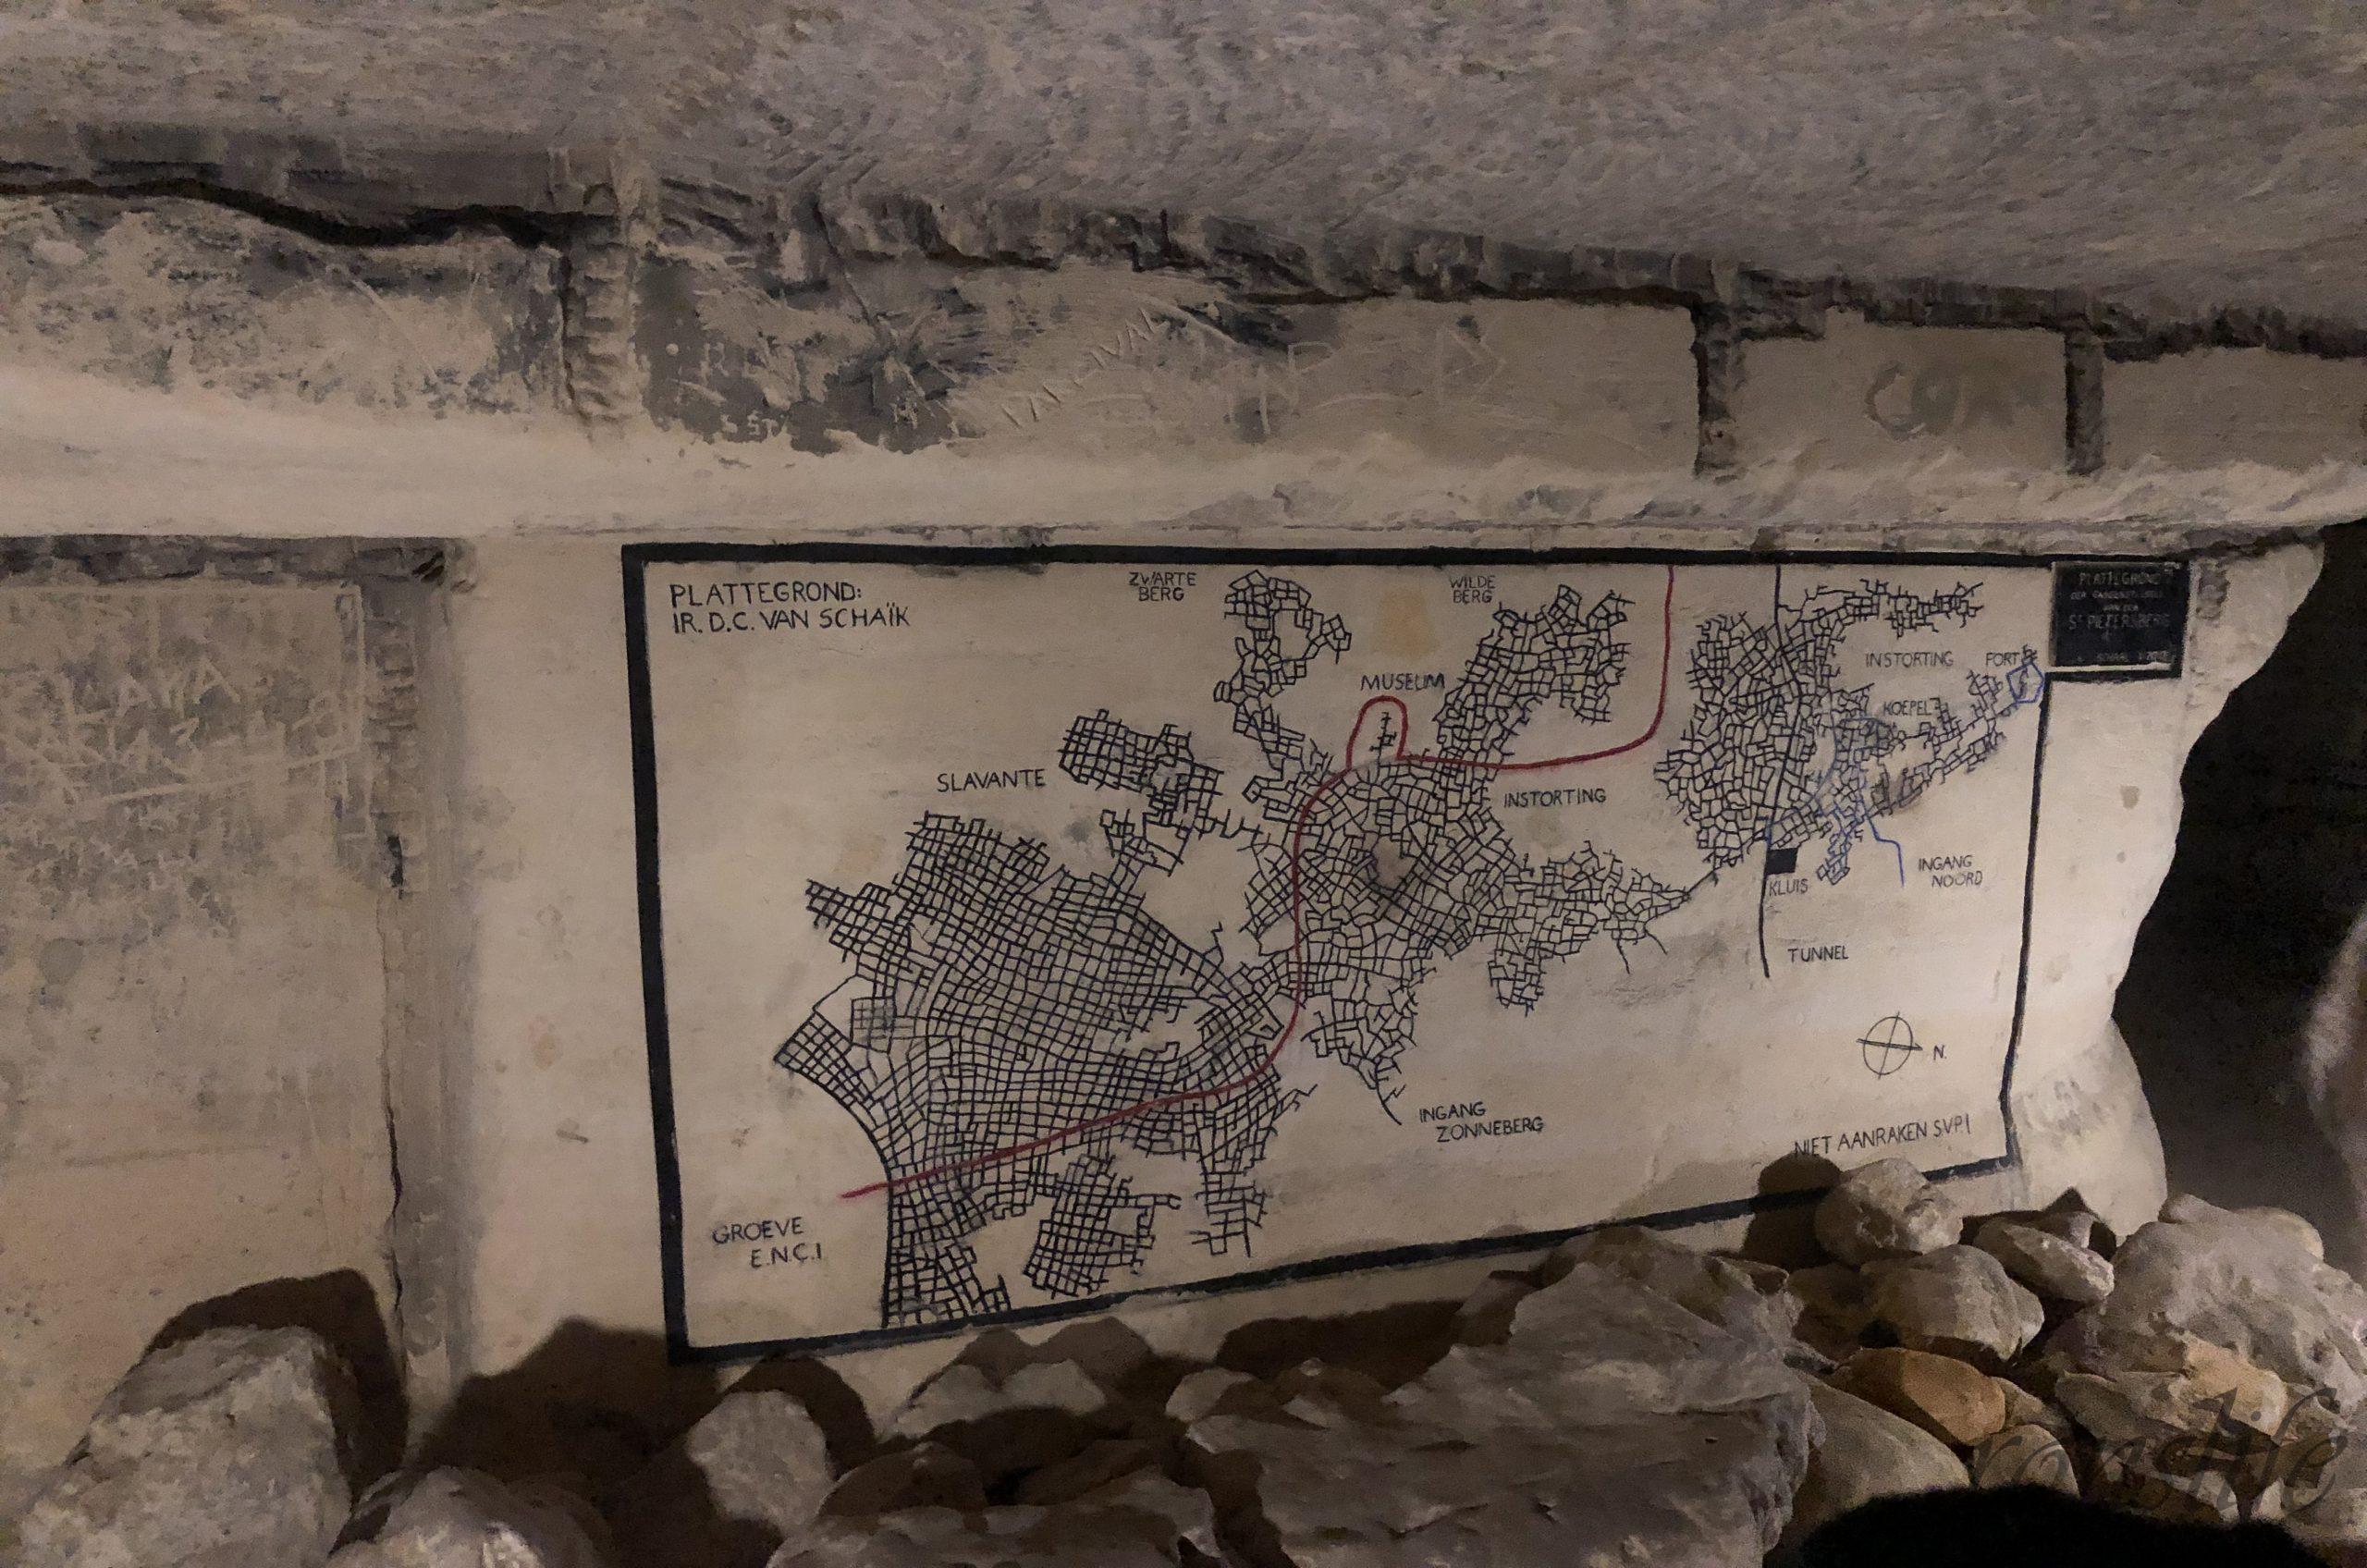 Plattegrond van het grottenstelsel in de Sint-Pietersberg Maastricht